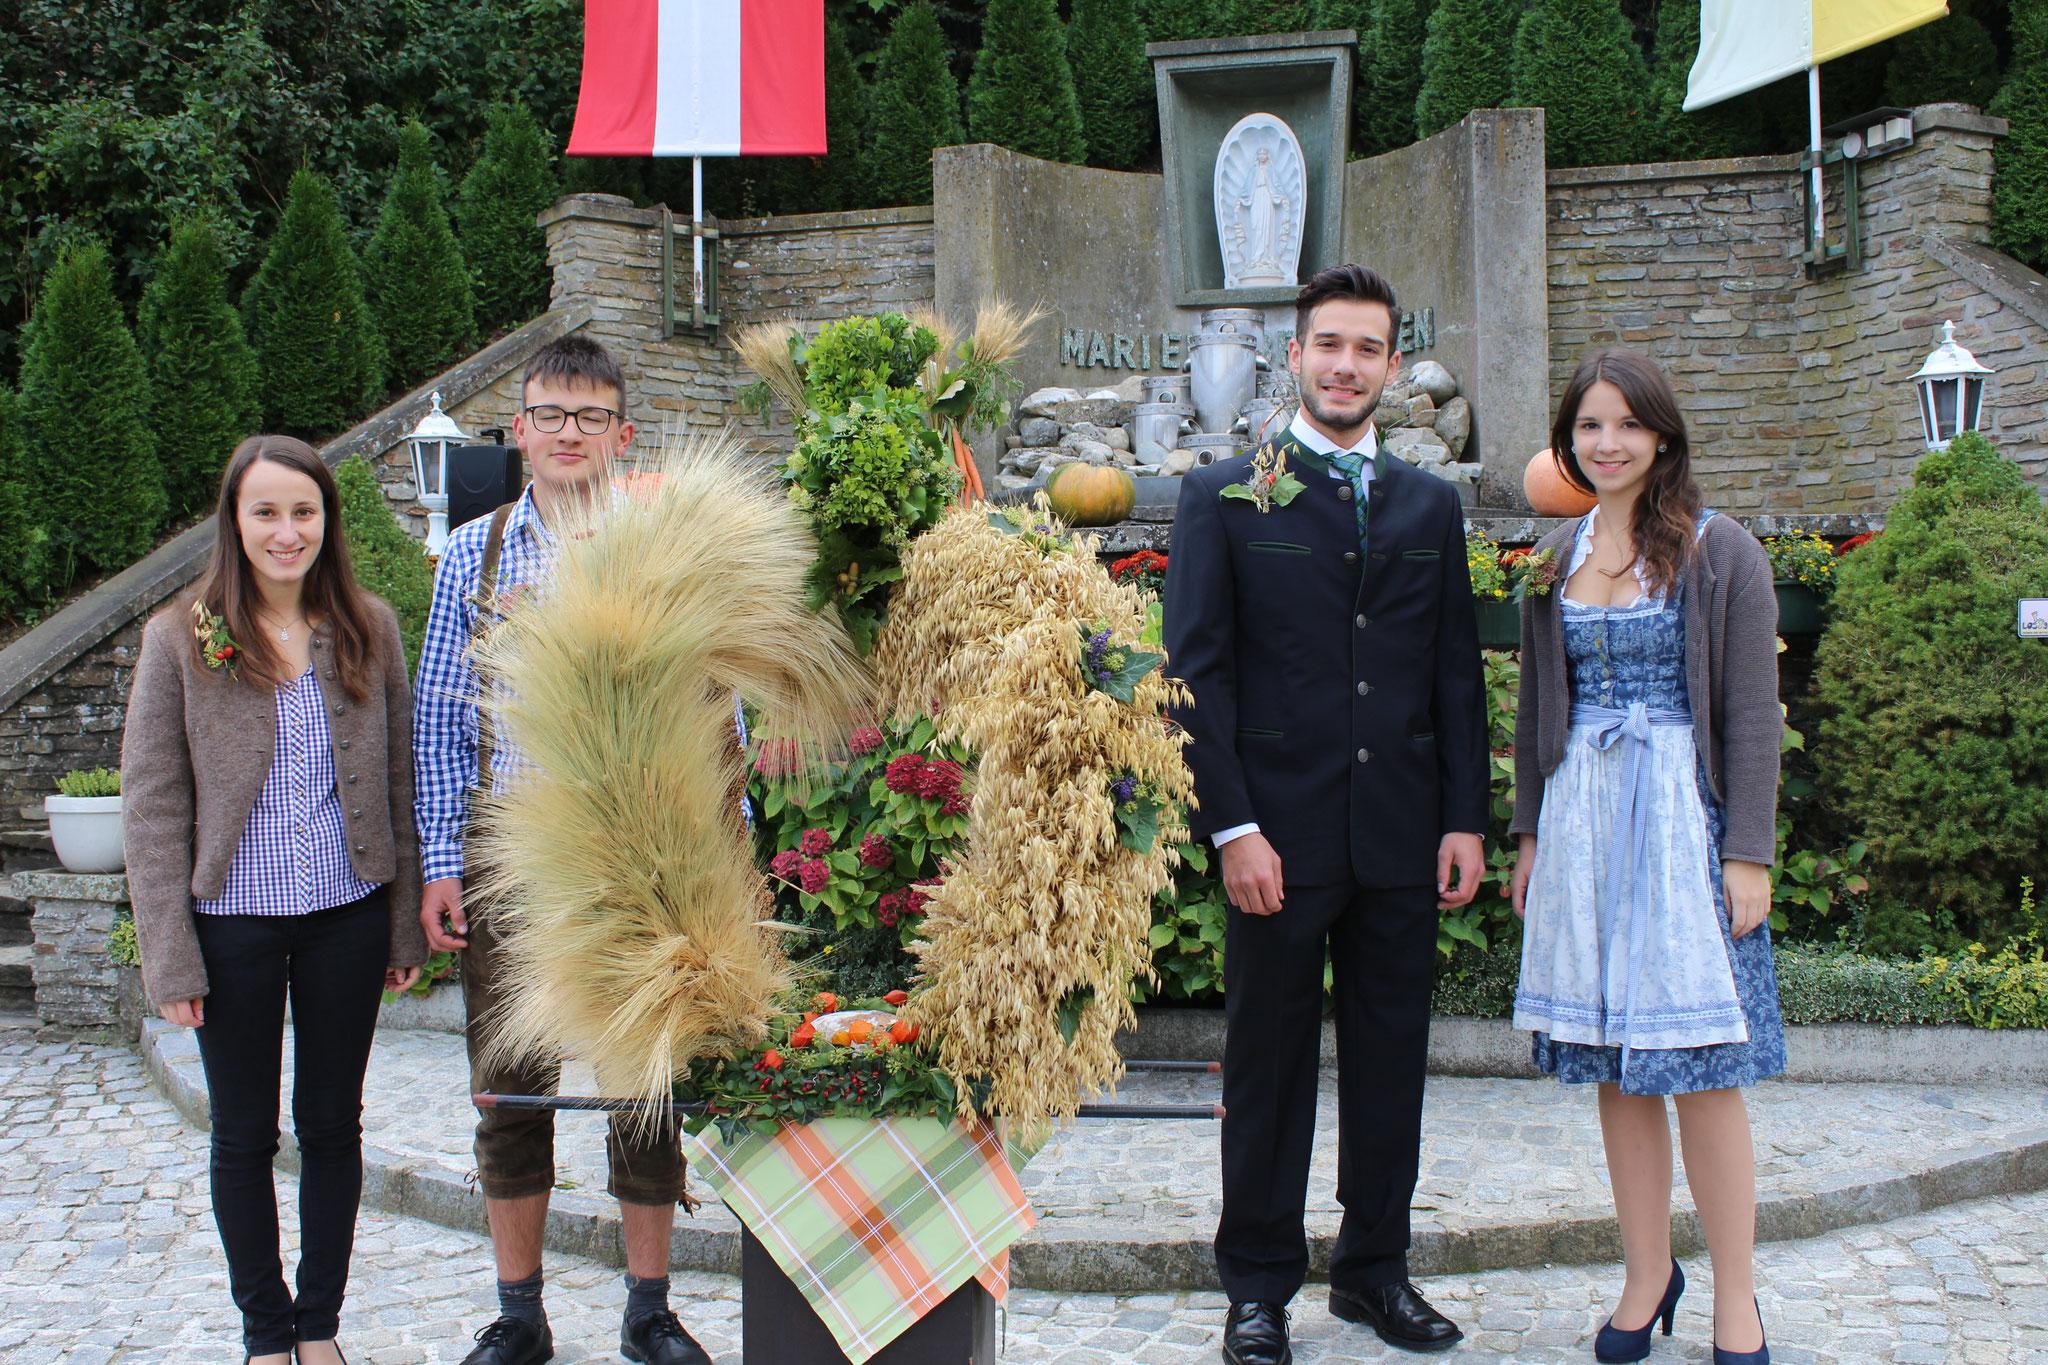 Erntedankfest 2017, die Krone beim Marienbrunnen (Maria Erasmus)